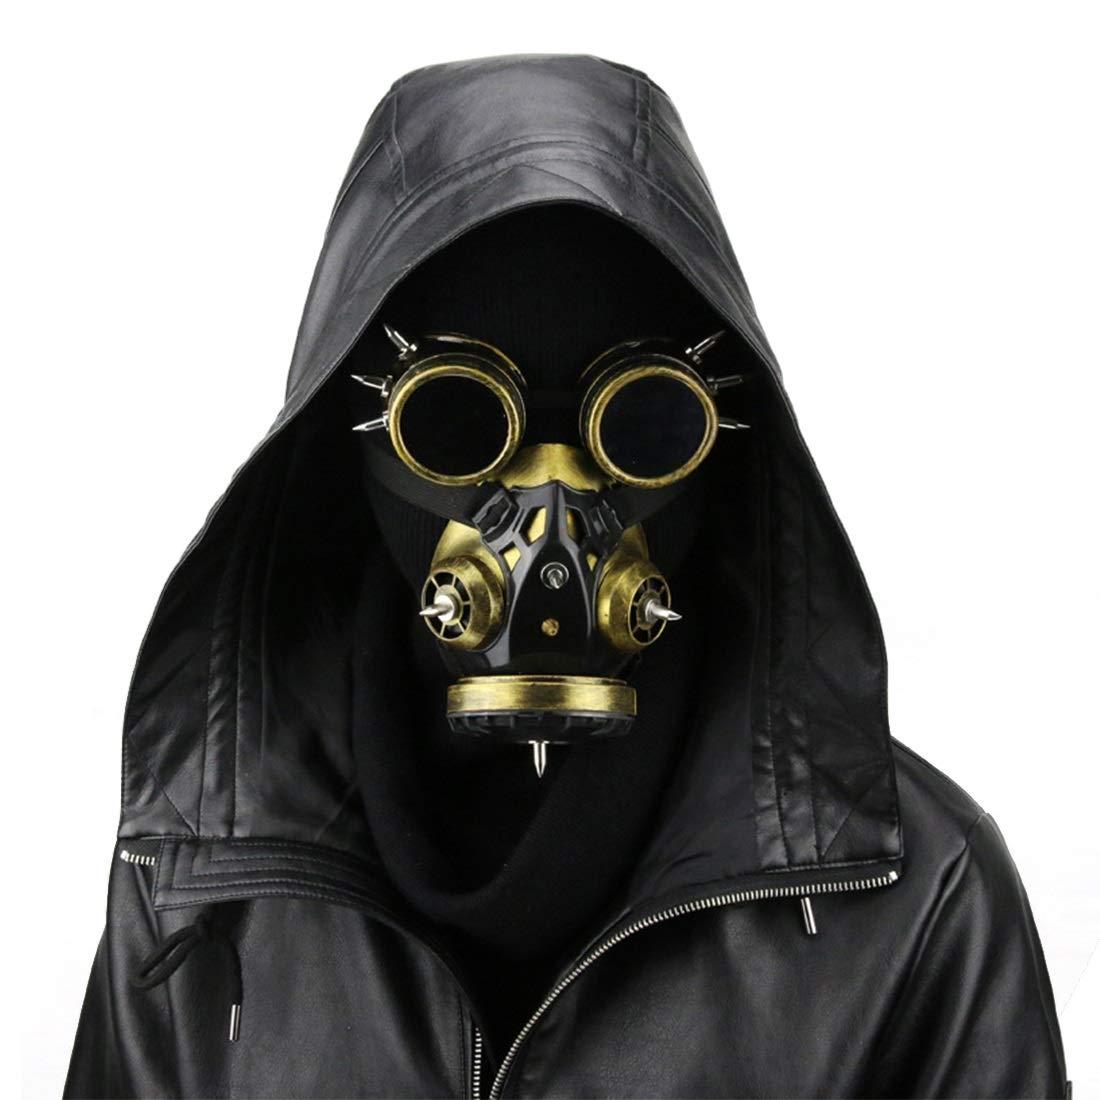 UZZHANG Biohazard Steampunk Gasmaske Goggles Spikes Skeleton Krieger Death Mask Masquerade Cosplay Halloween Kostüm Requisiten (Farbe   Style2) Style1